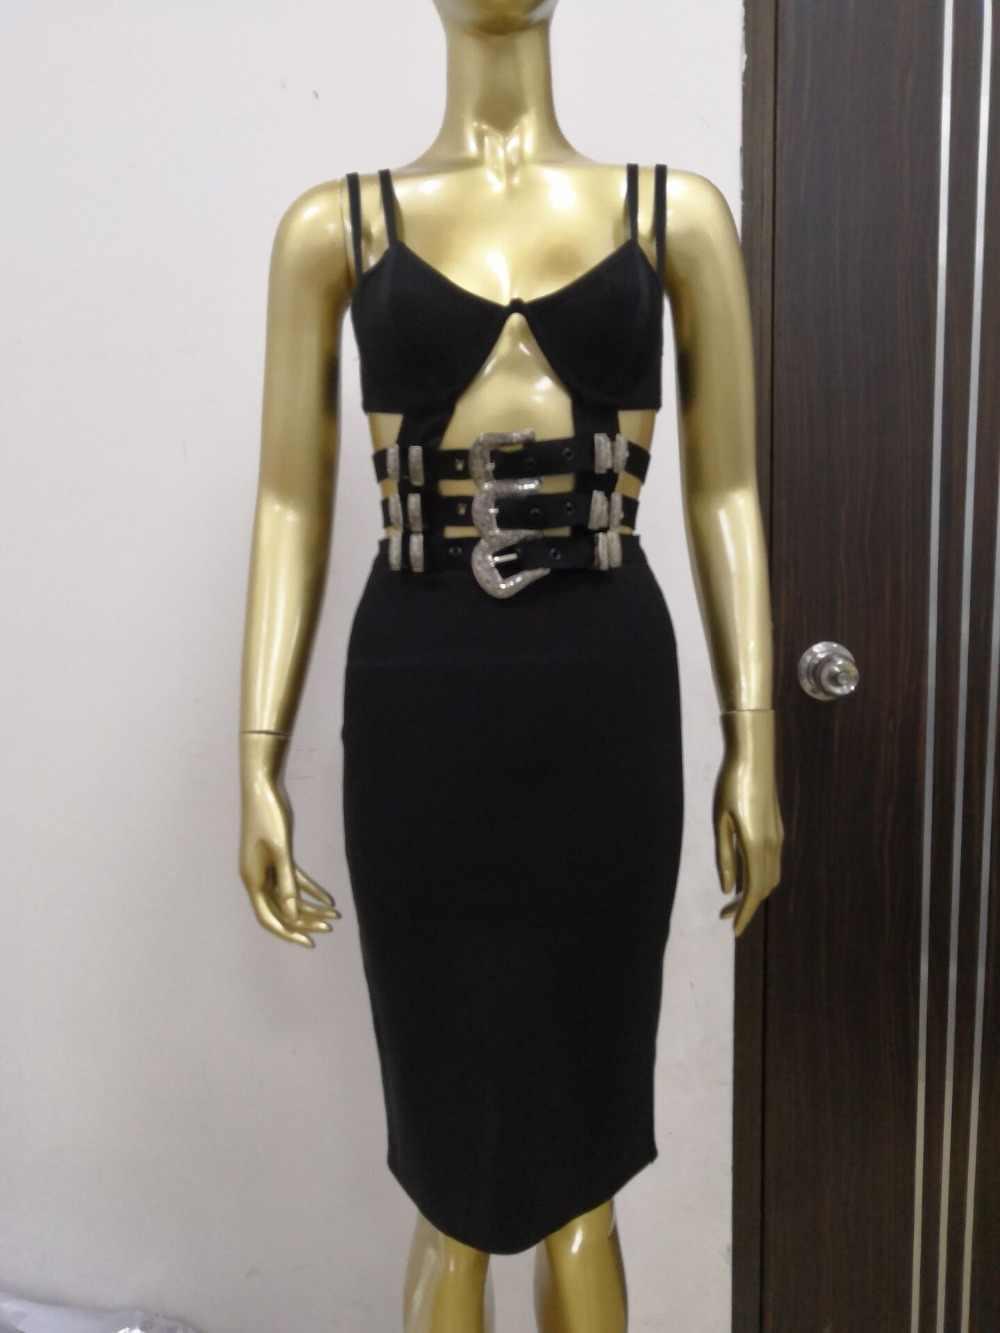 高品質セレブ黒スリップセクシーなベルト膝丈レーヨン包帯ドレスイブニングパーティーボディコンドレス